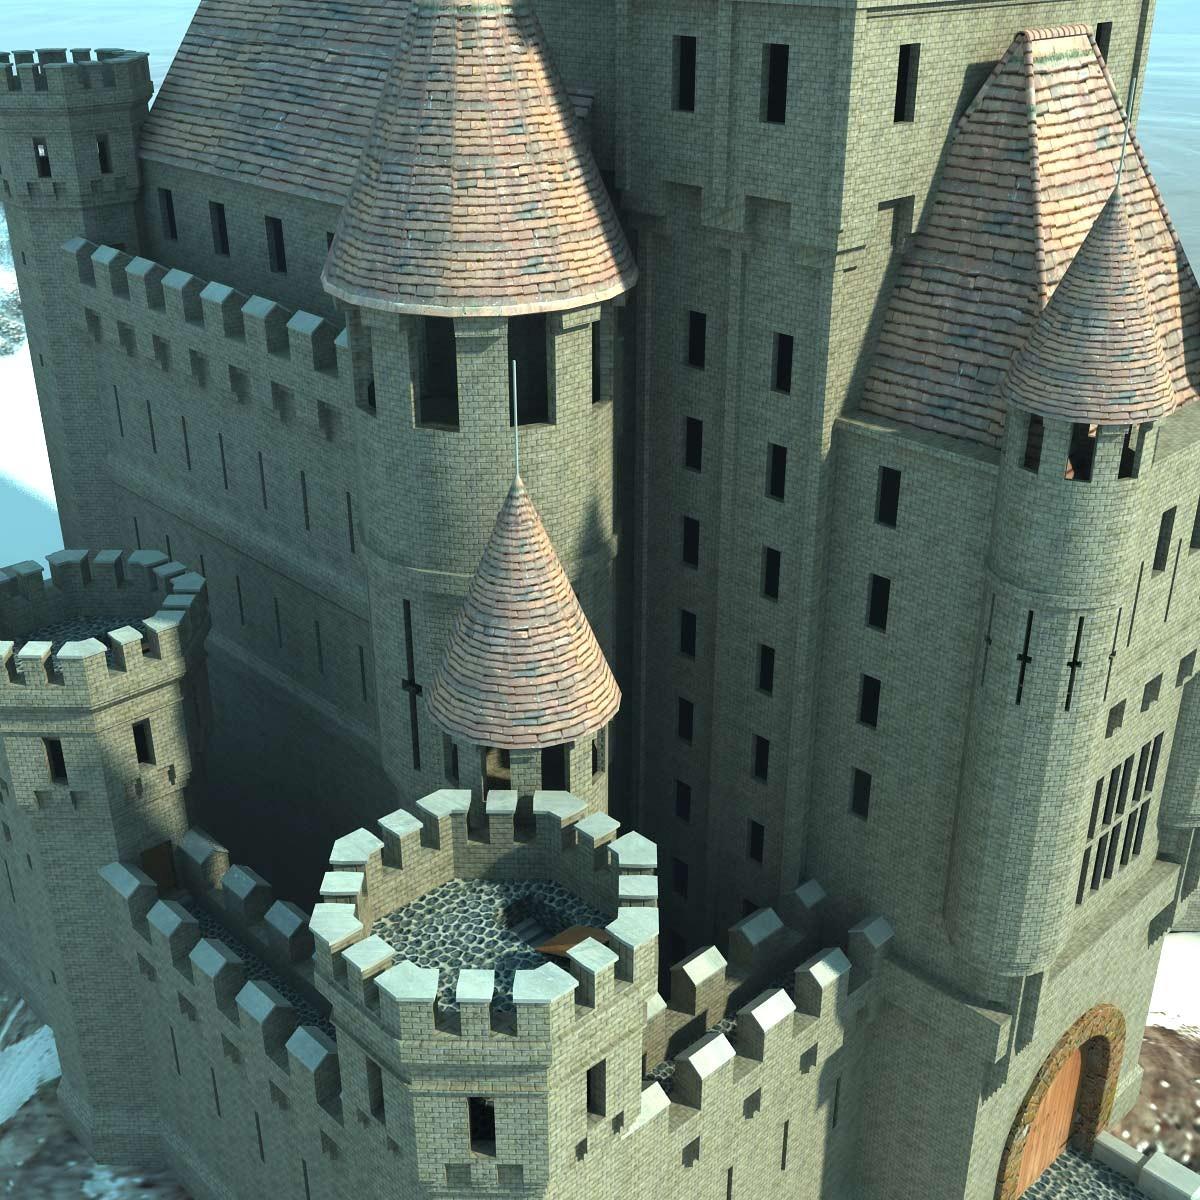 castlemin_009b.jpg